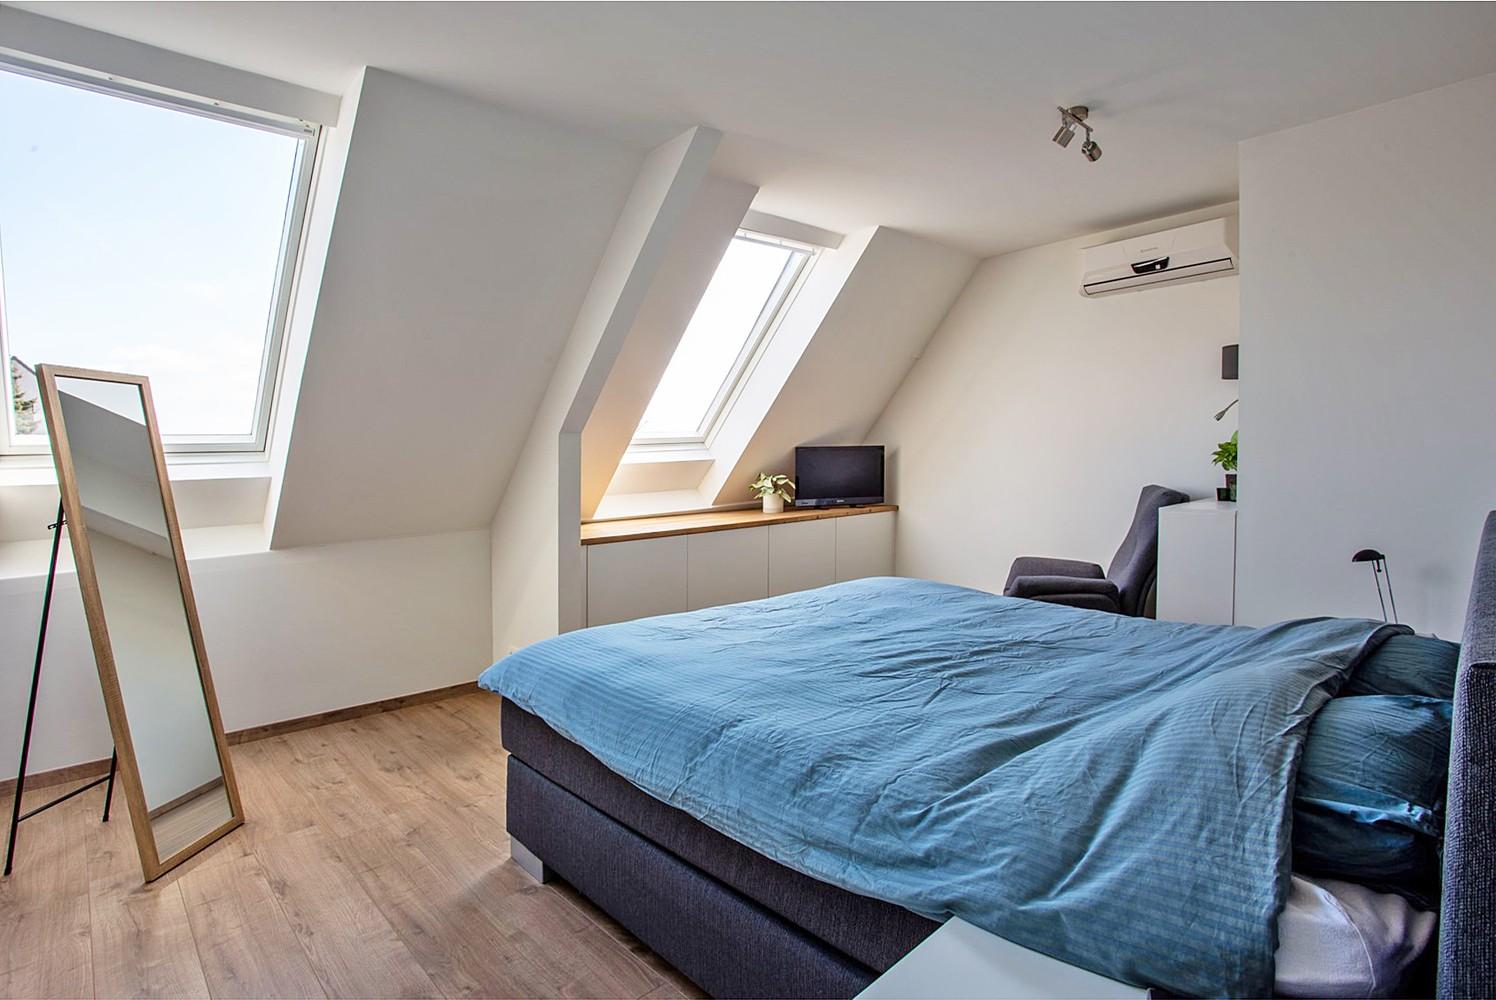 Verrassend ruim, lichtrijk appartement met 3 slaapkamers in hartje Broechem! afbeelding 10